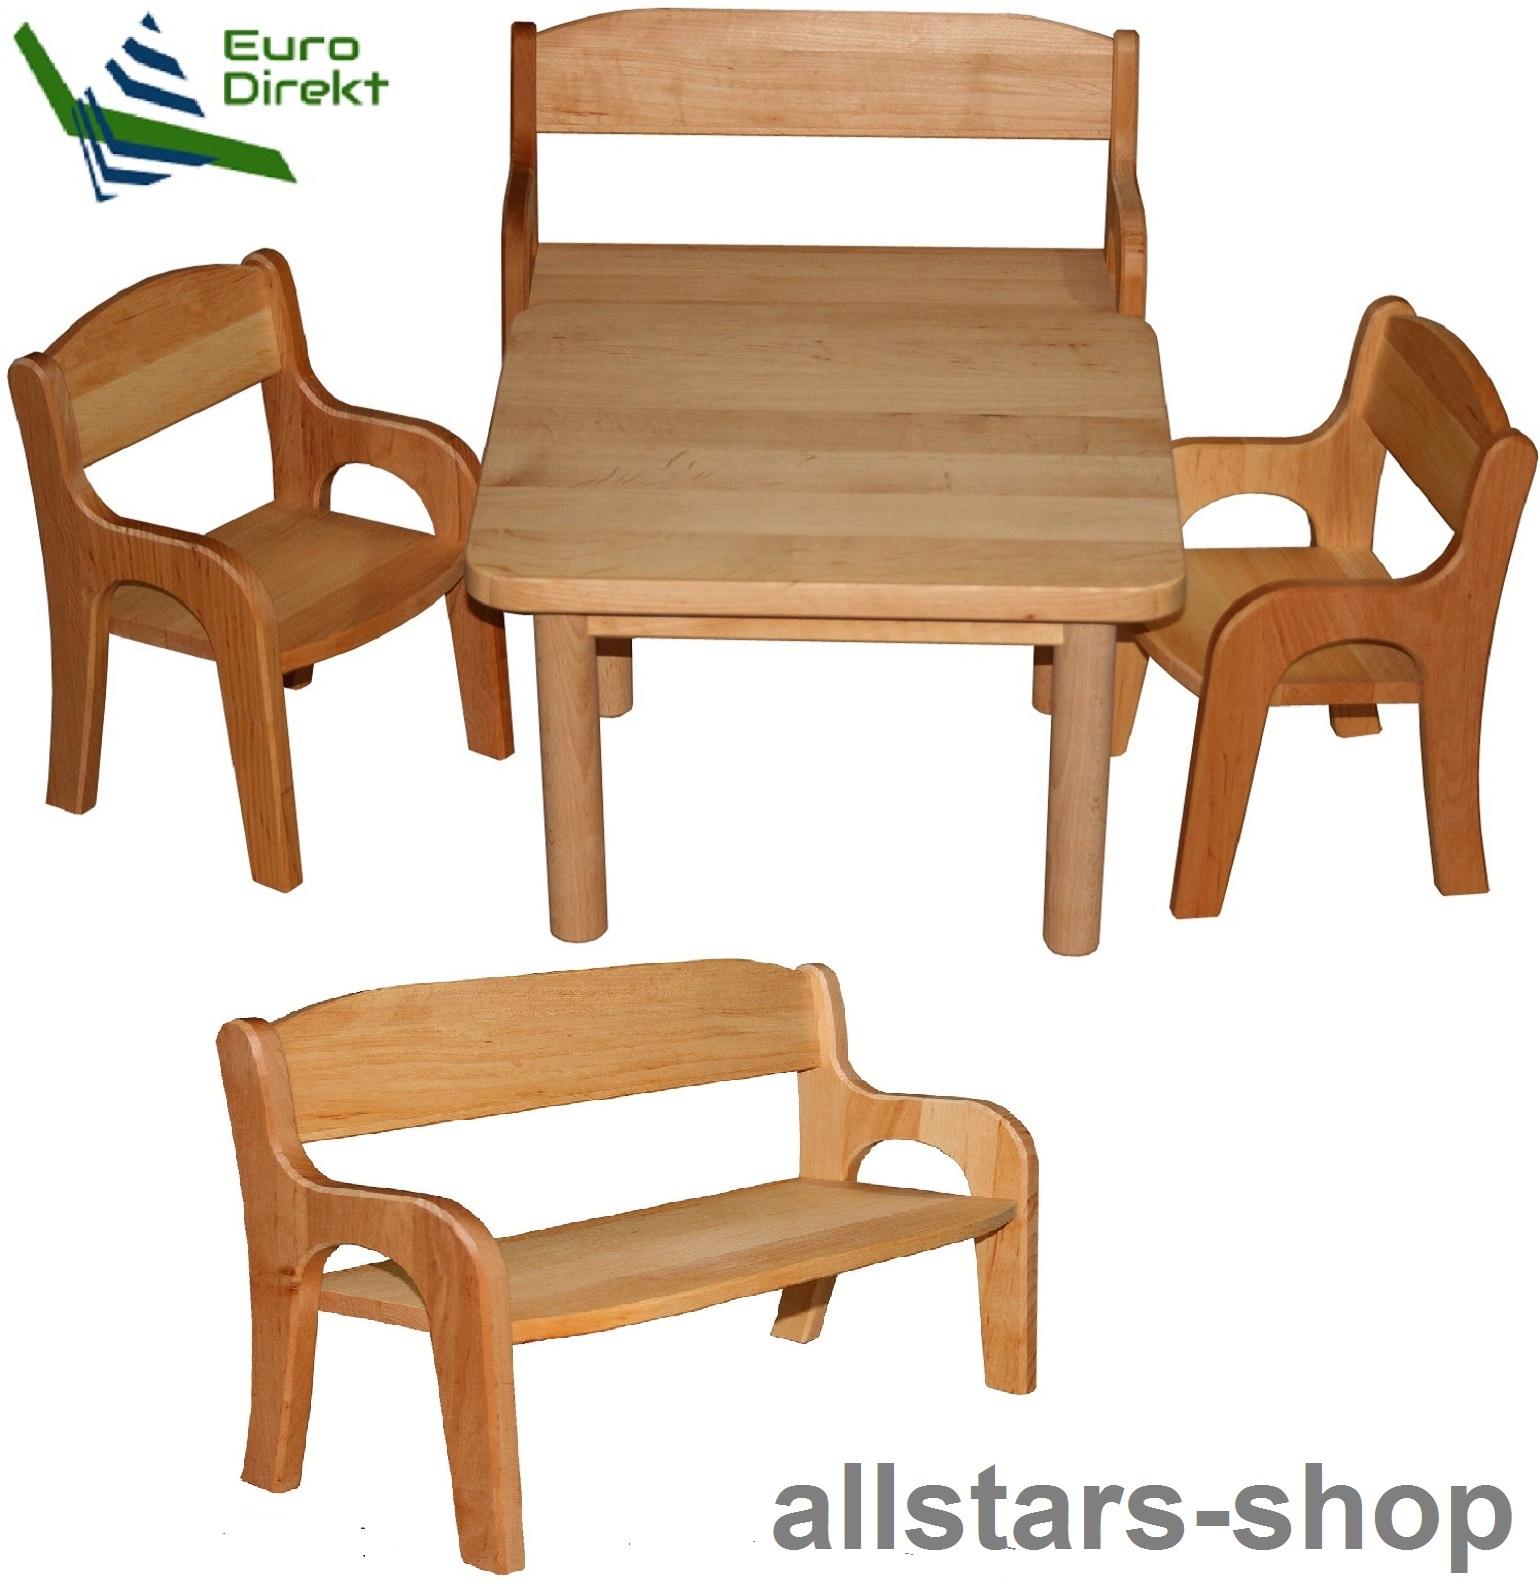 Puppen & Zubehör Möbel allstars Puppentisch Tisch Bank Holz Puppenmöbel Set Spielmöbel Schöllner